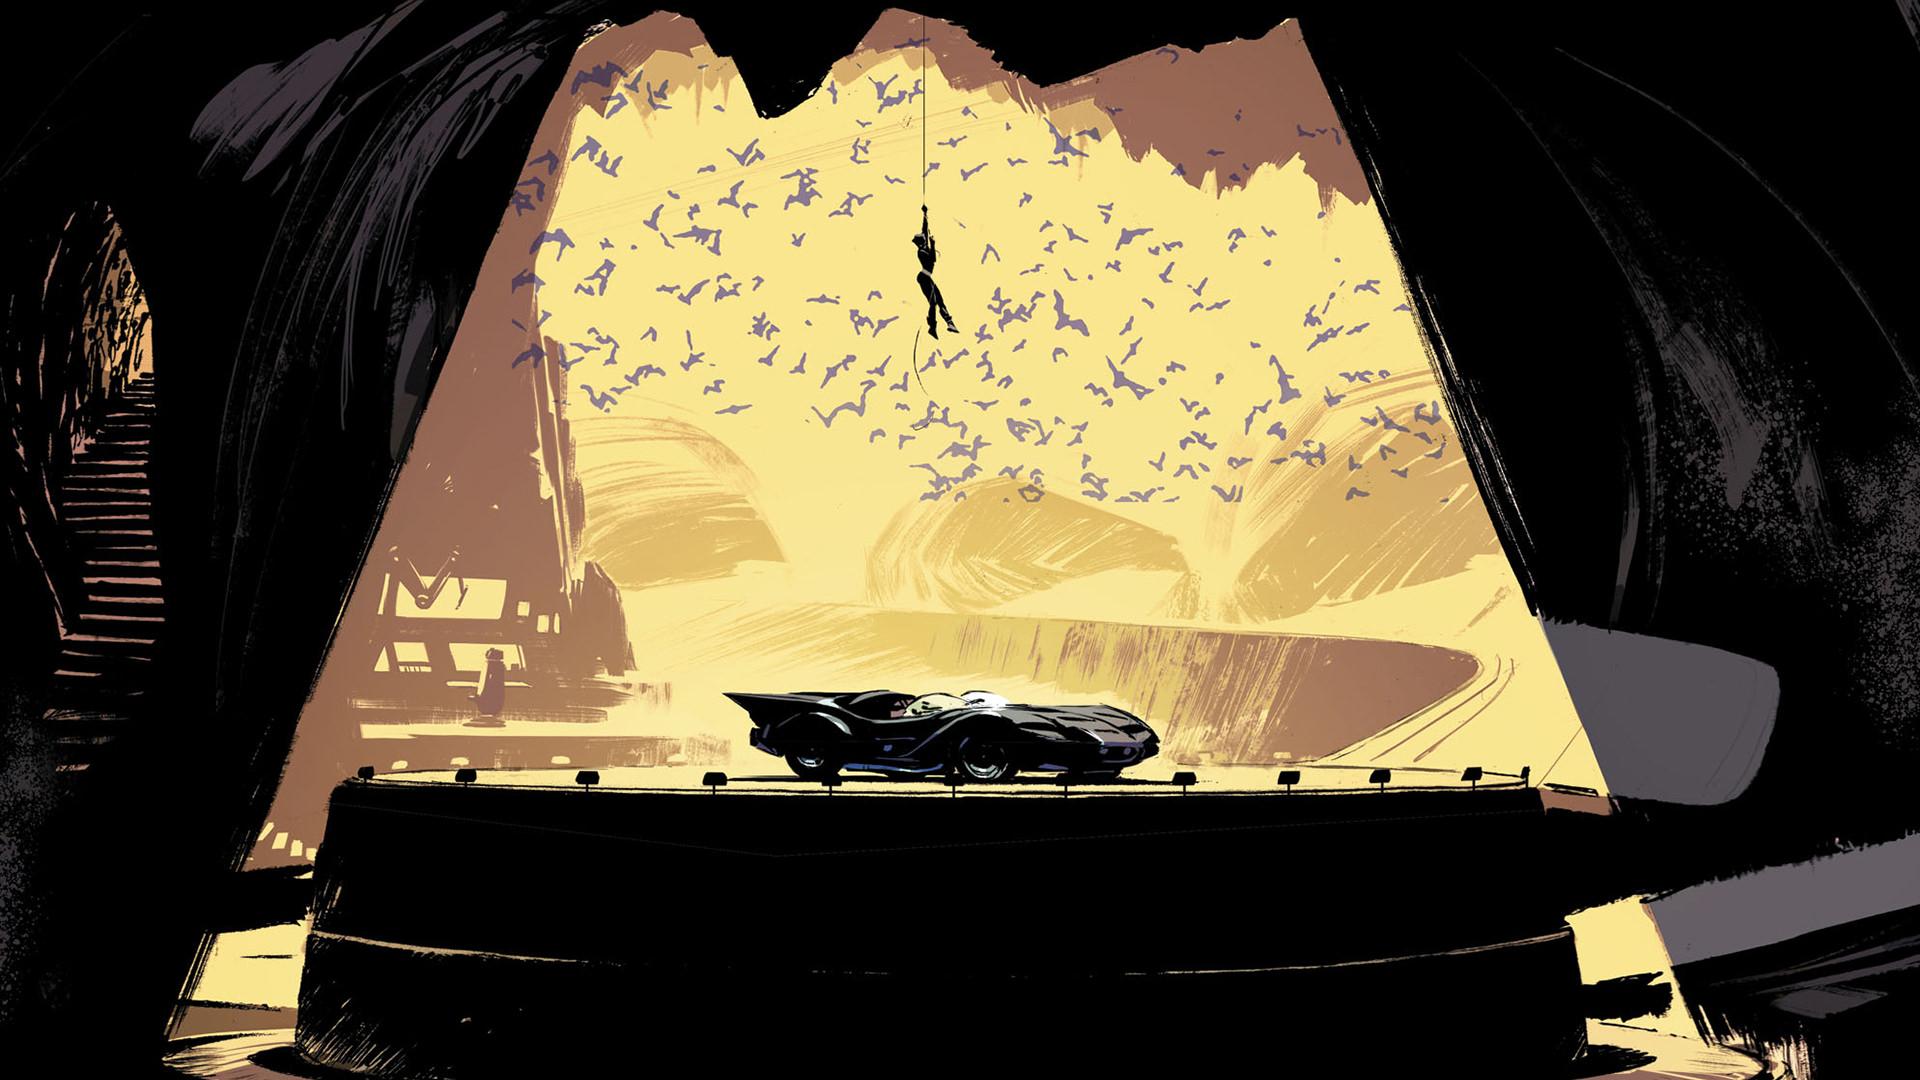 Batcave Catwoman DC Comics Artwork